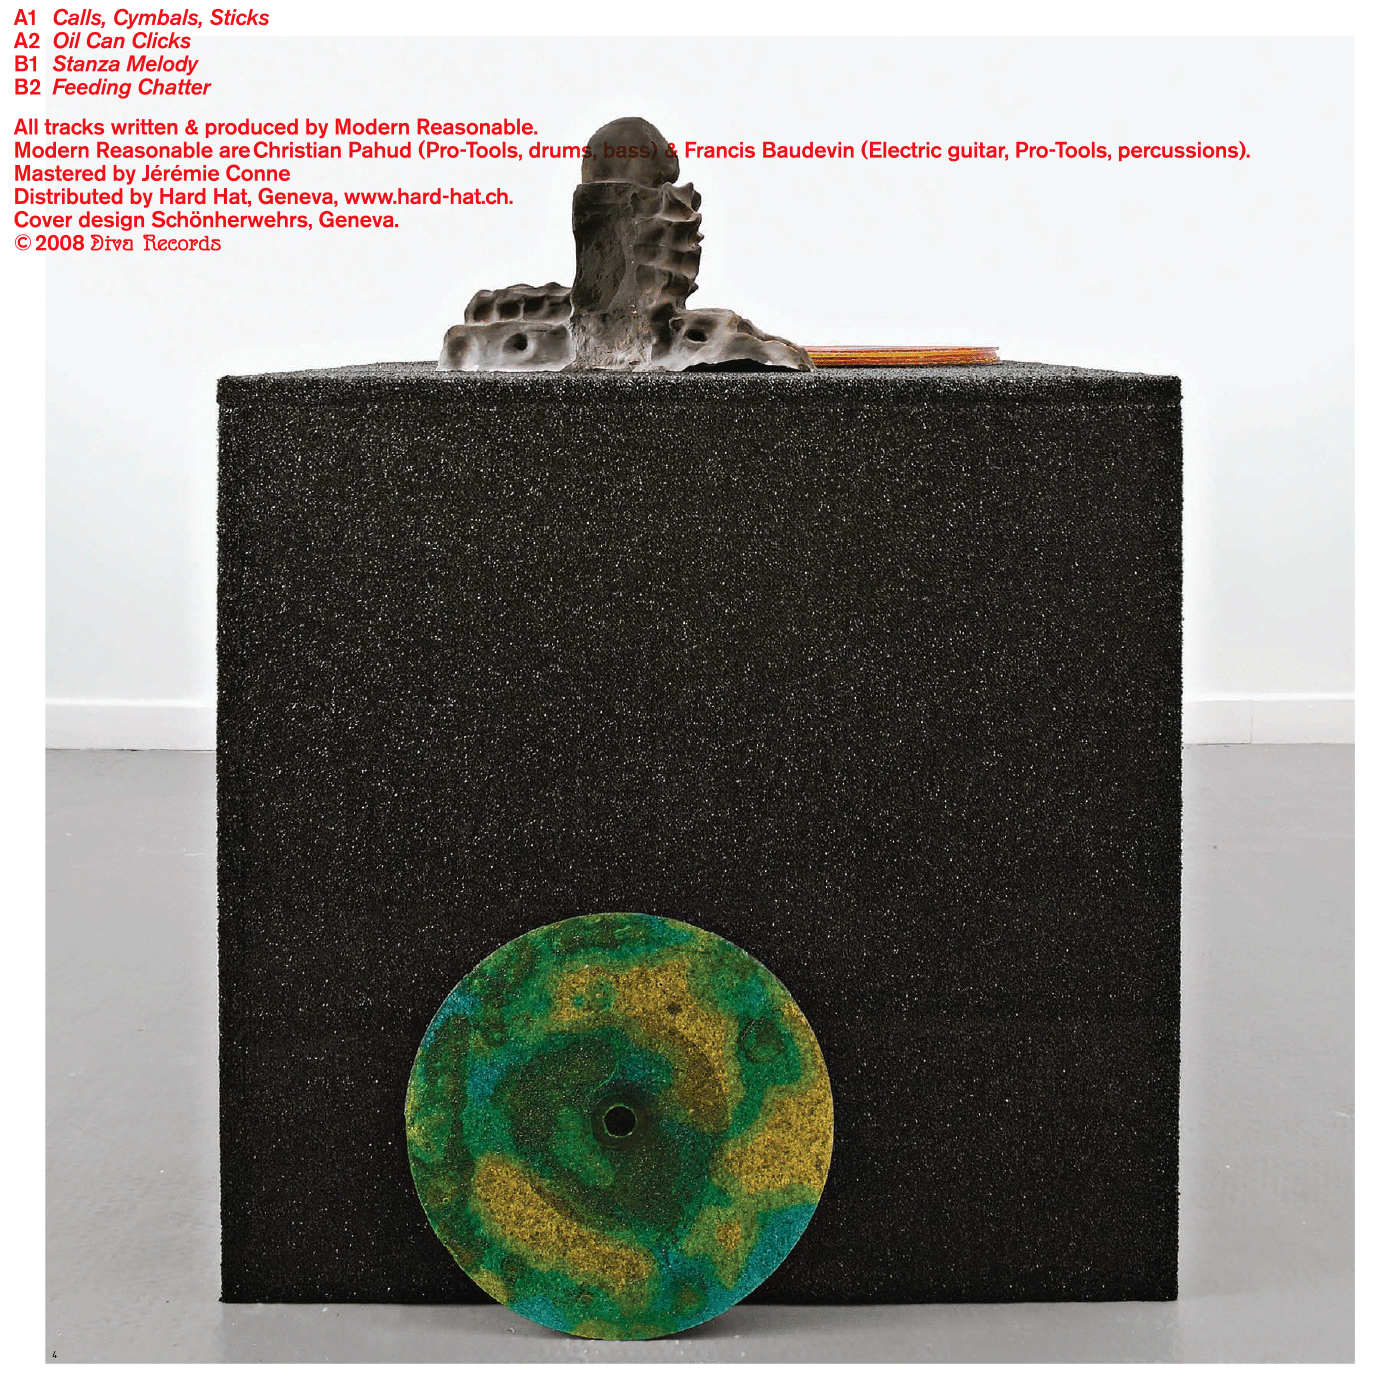 La pochette du EP est également le catalogue de l'exposition «Delta» de Pierre Vadi au Swiss Institute, New York. En tant que Schönherwehrs.